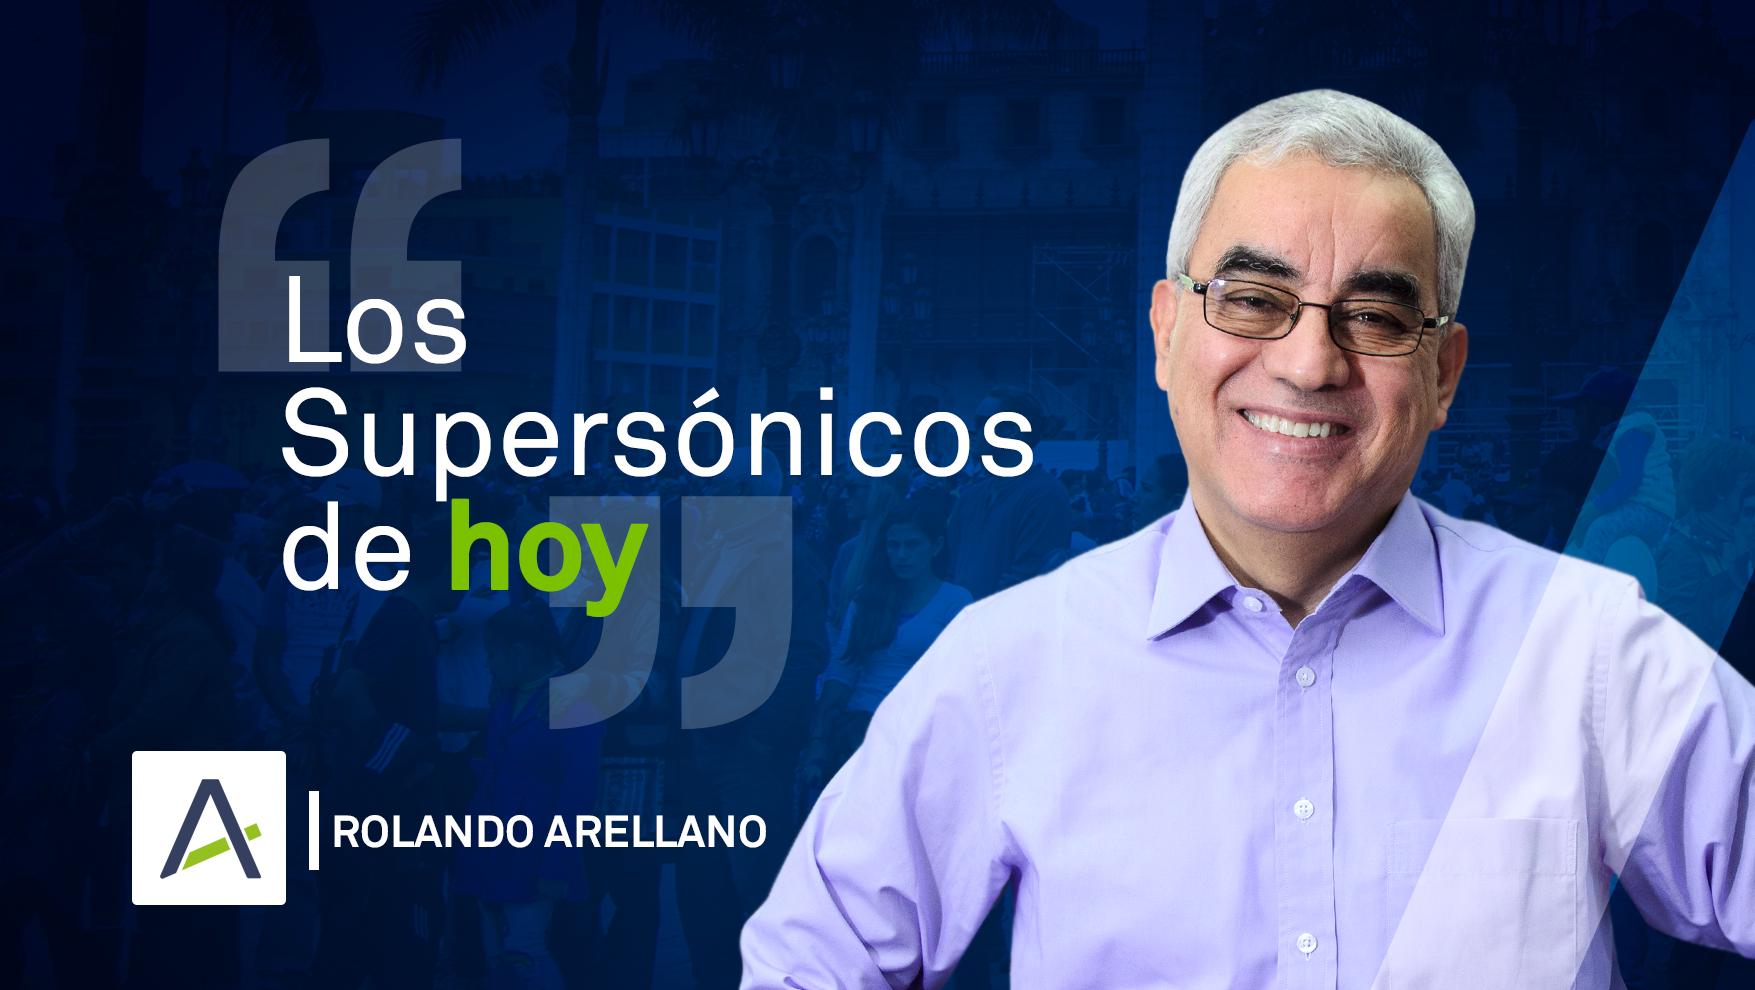 Los-Supersonicos-de-hoy-Arellno